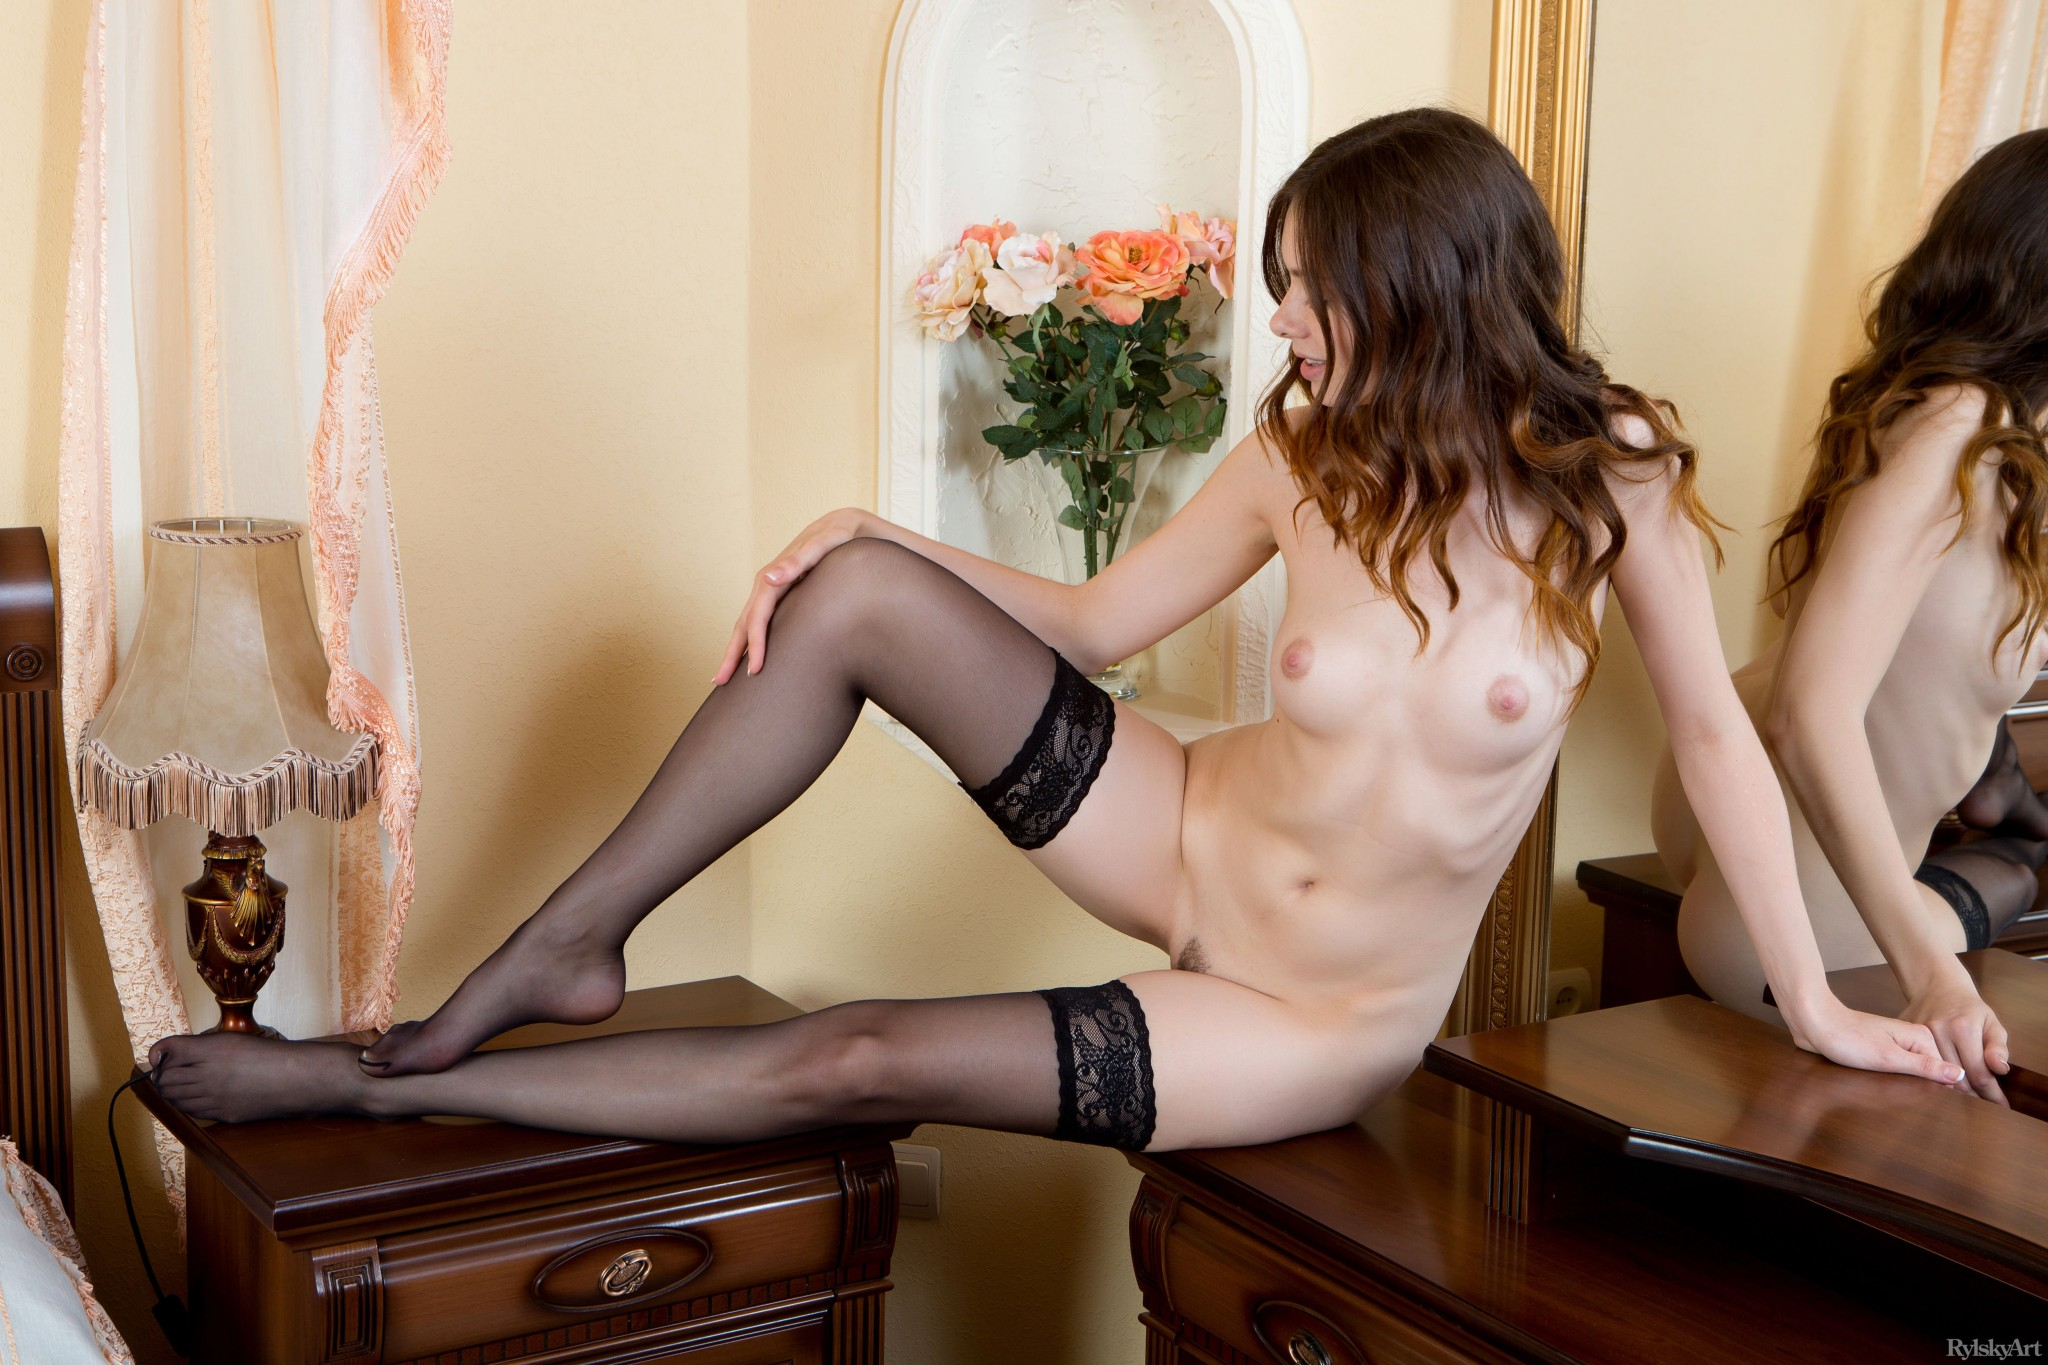 Сочные женщины - Галерея № 3614614